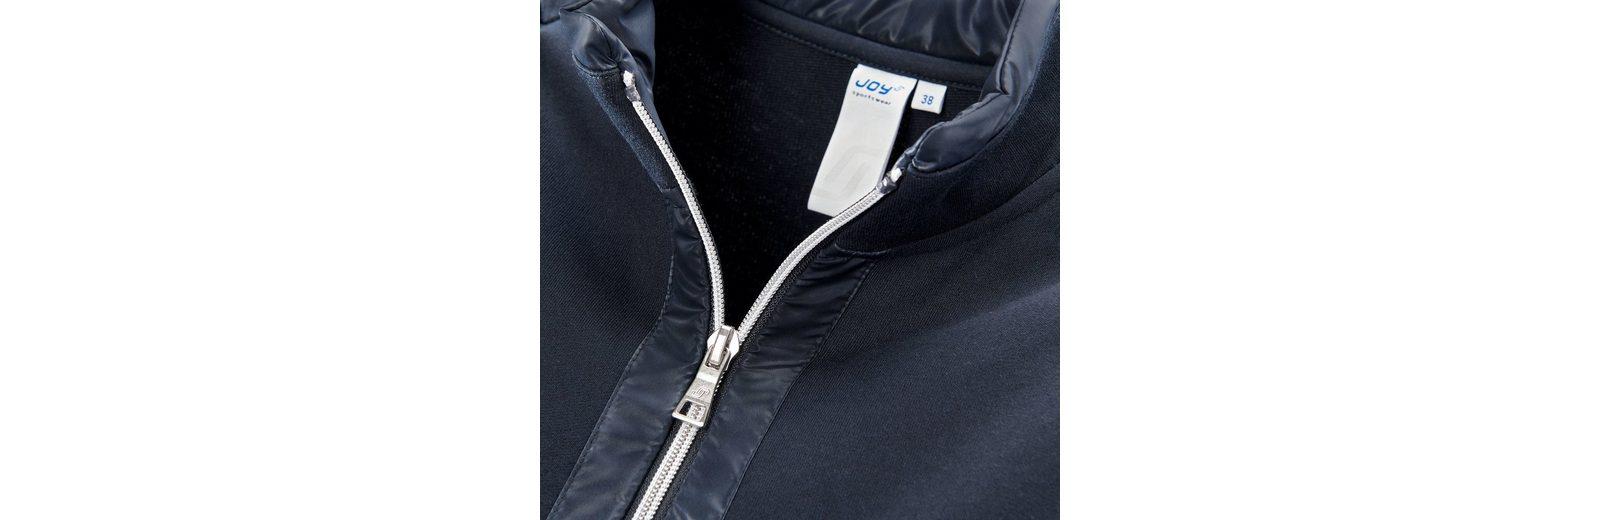 Outlet Neuesten Kollektionen Joy Sportswear Sweatweste PRISKA Sehr Billig Bekommt Einen Rabatt Zu Kaufen sjE85IYGQp